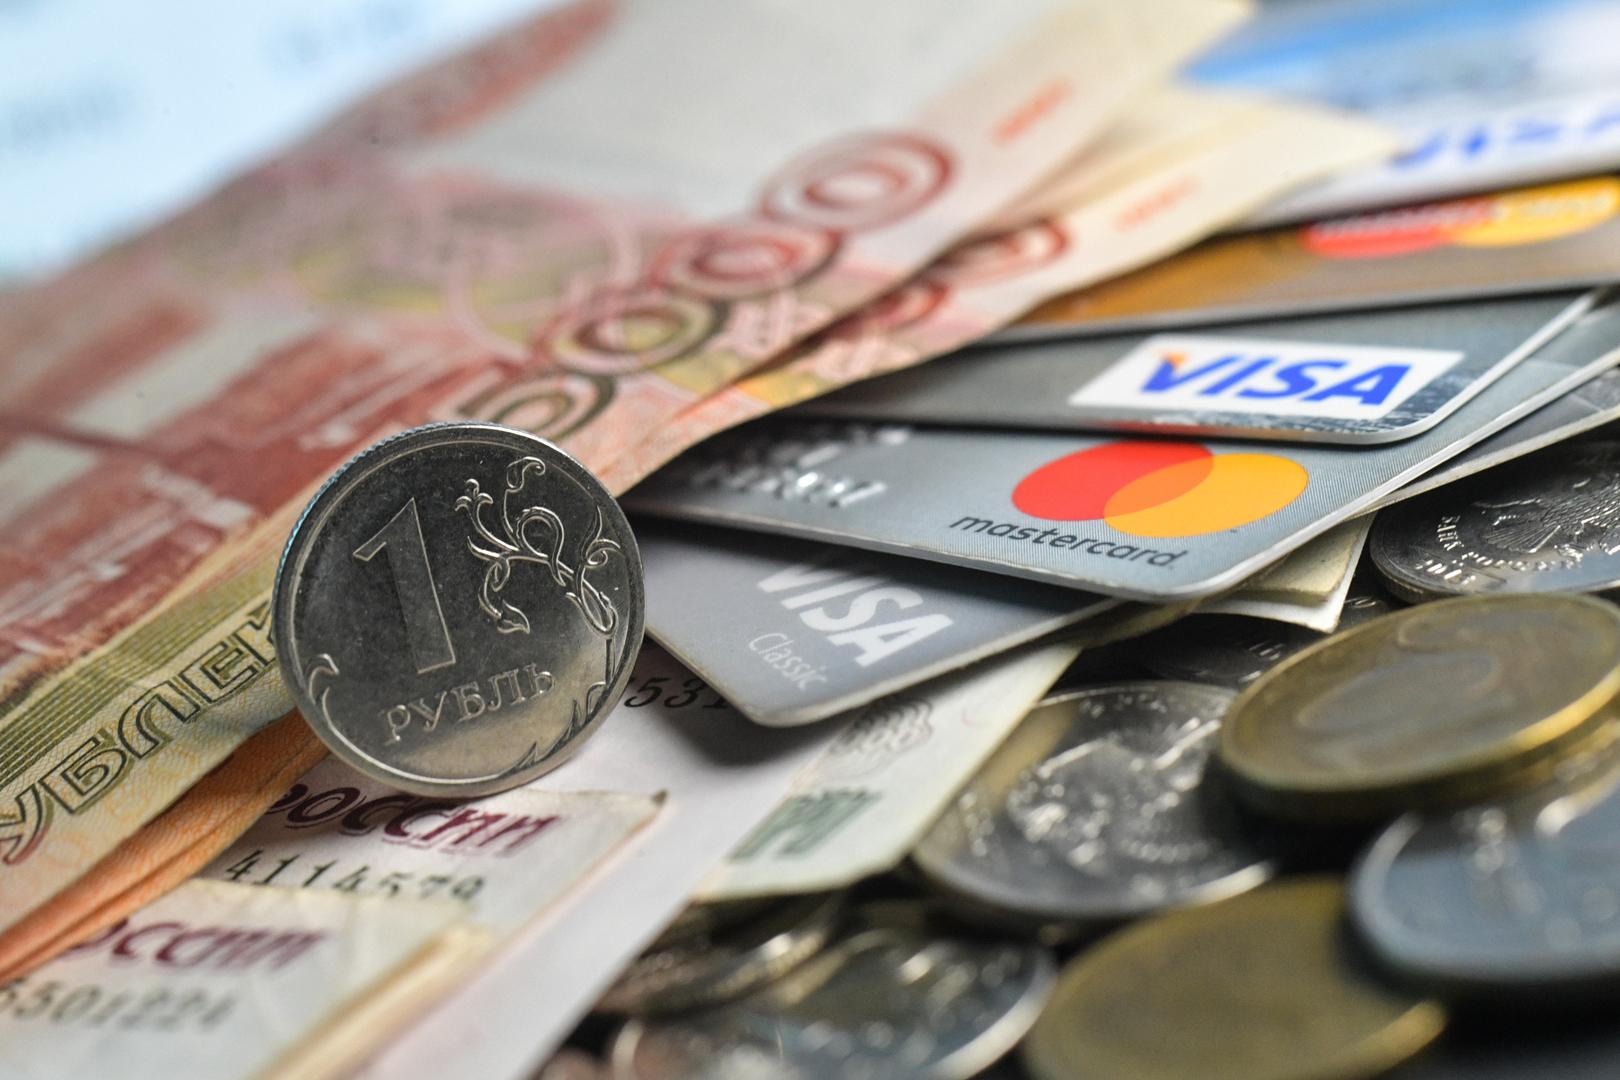 خطة الحكومة الروسية لتعافي الاقتصاد من كورونا بزيادة الدخل والحد من البطالة